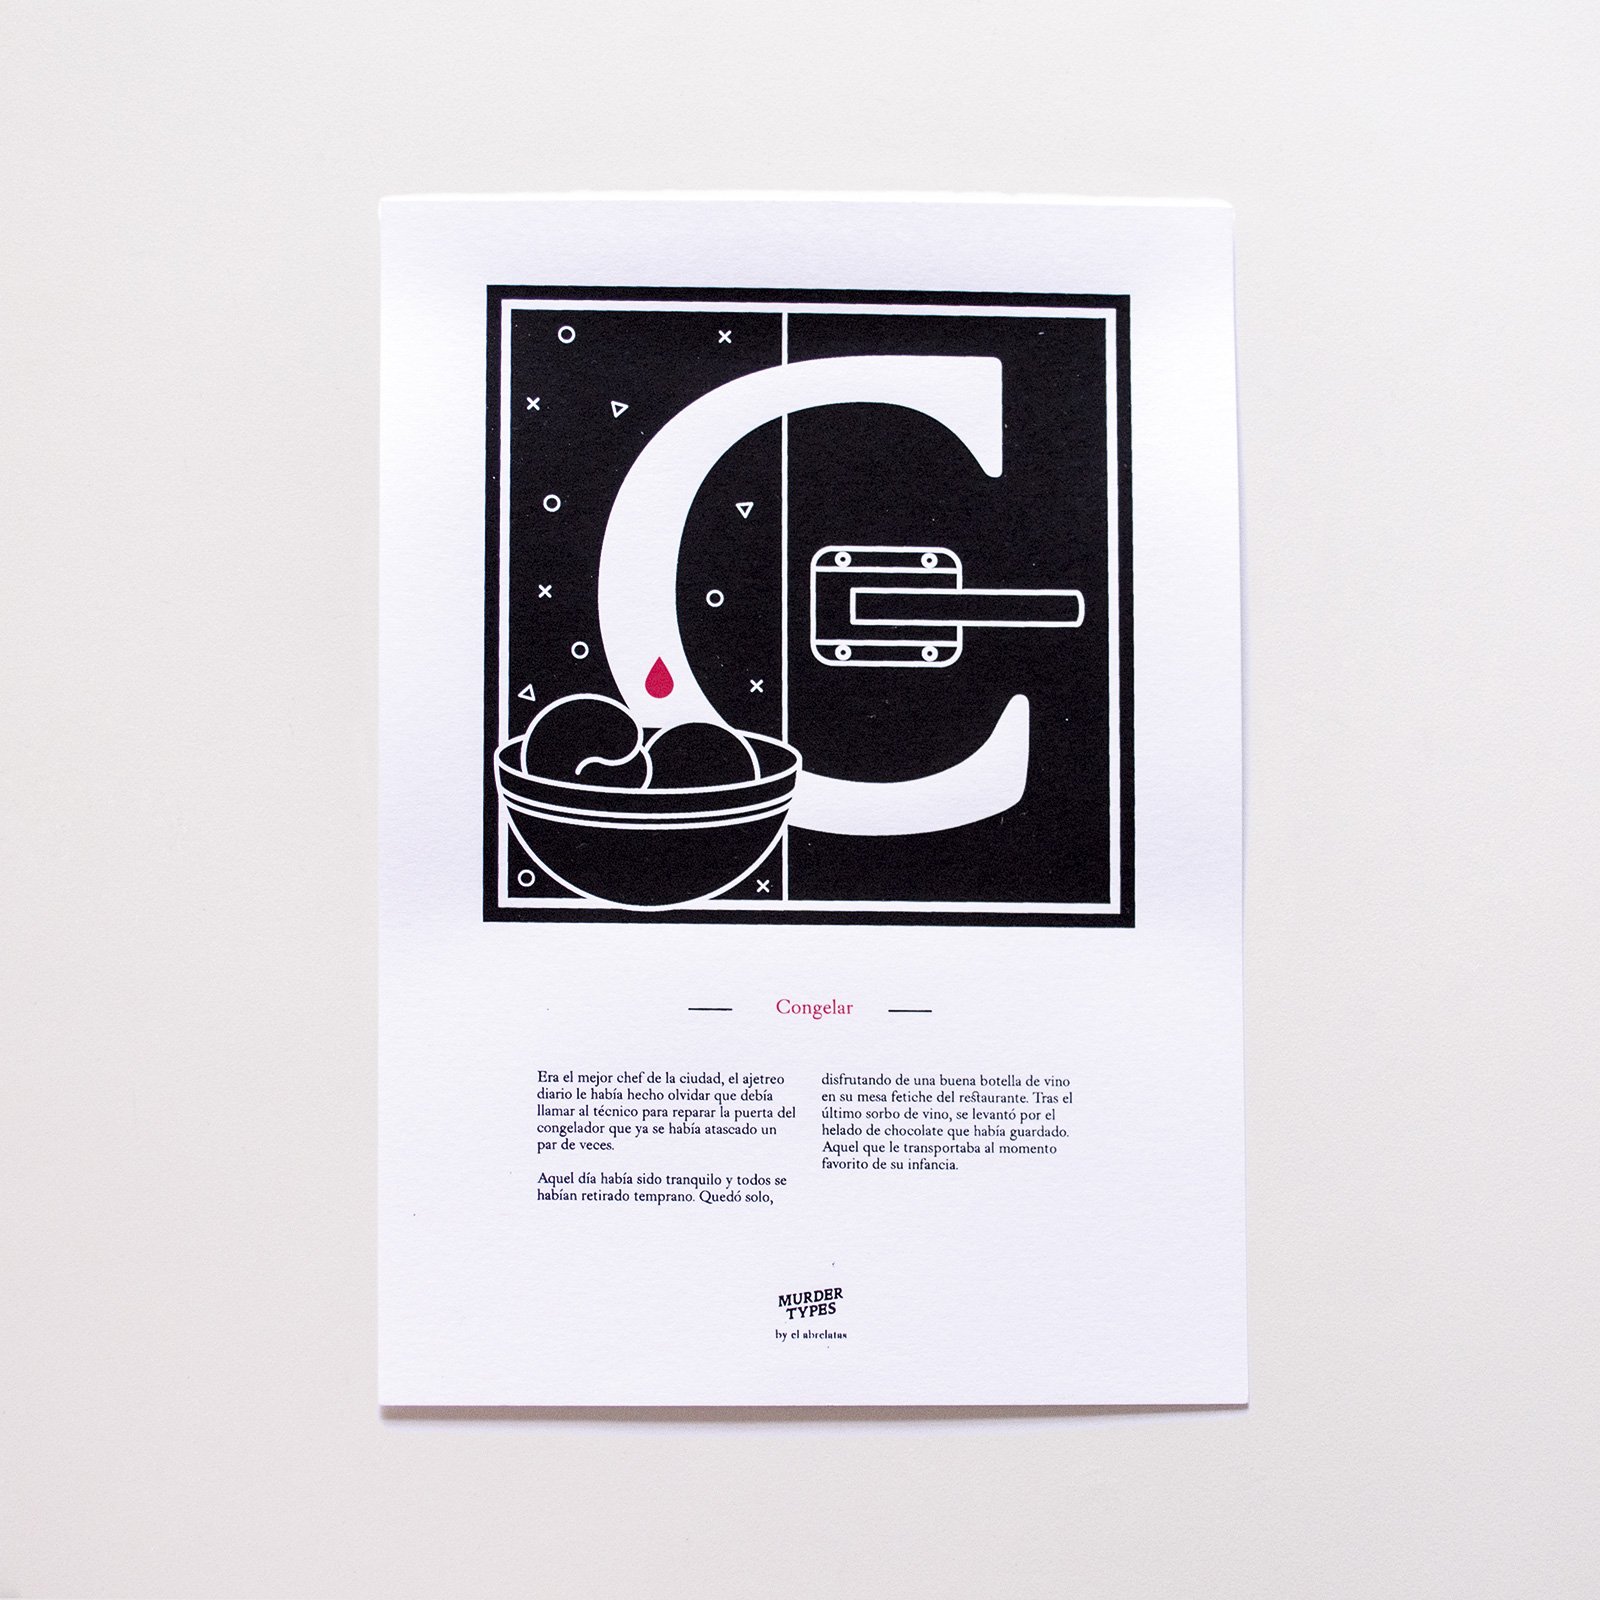 Lámina letra C - Proyecto de autoedición en serigrafía Murder Types